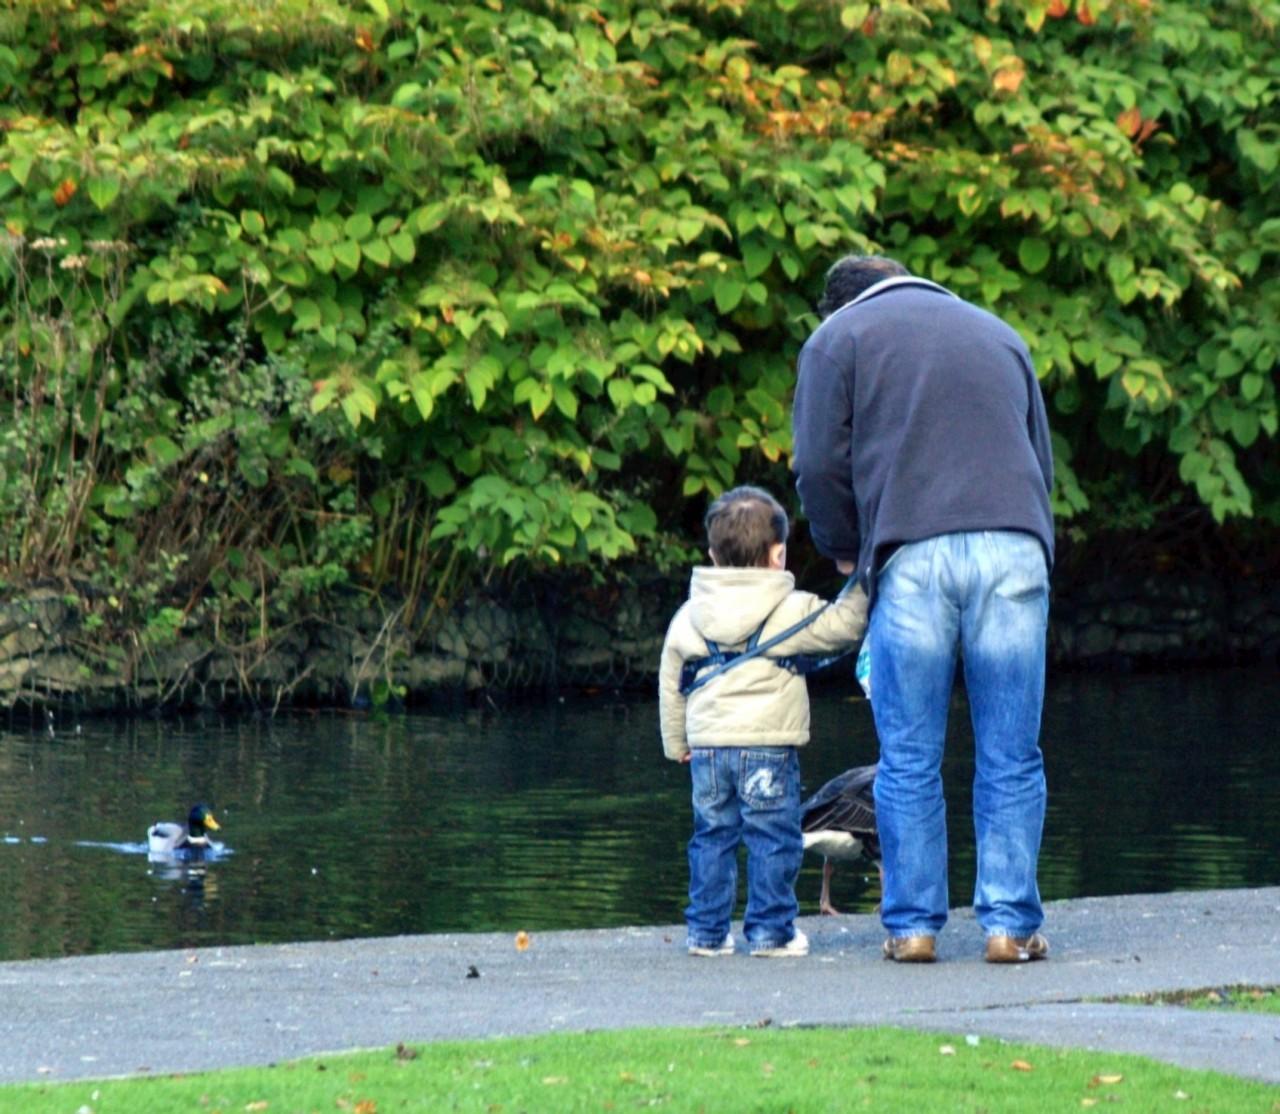 На прогулку с маленьким ребенком